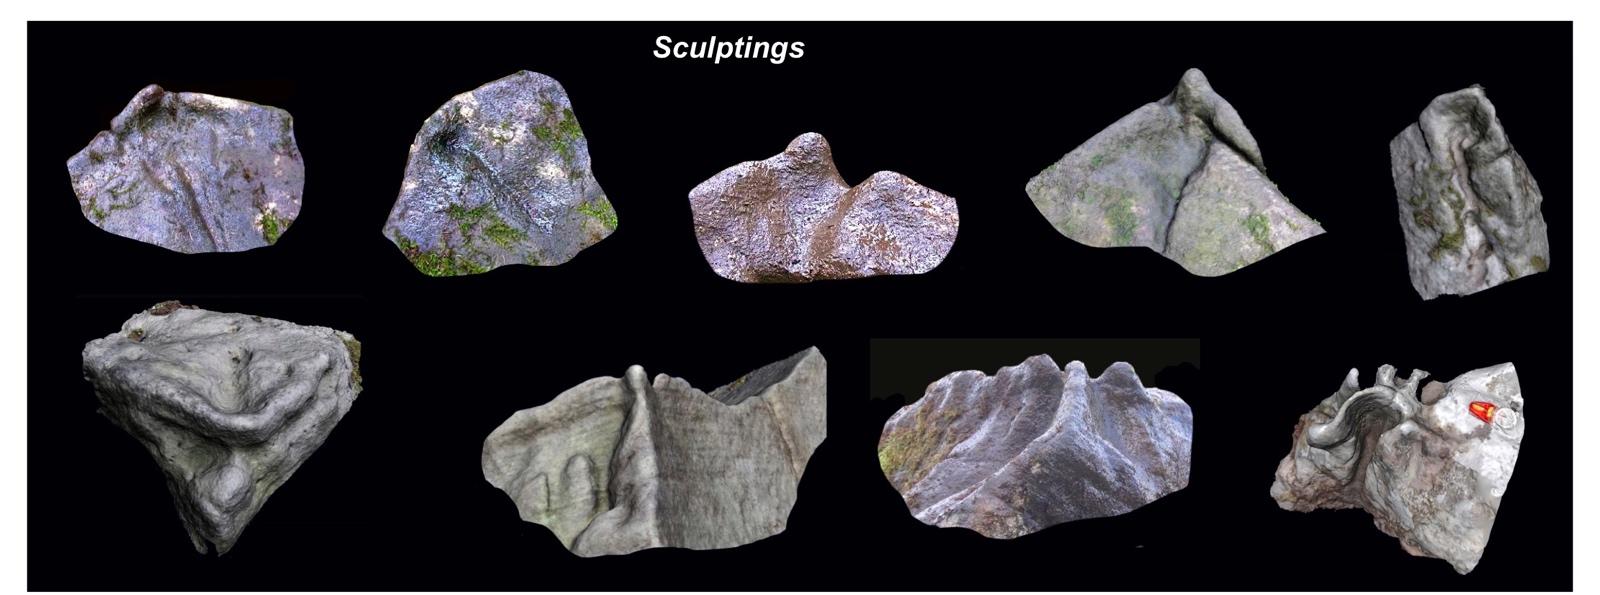 /Volumes/Buffalo 1Tb/Web work/Banner work/Burren Sculptings Banner.jpg